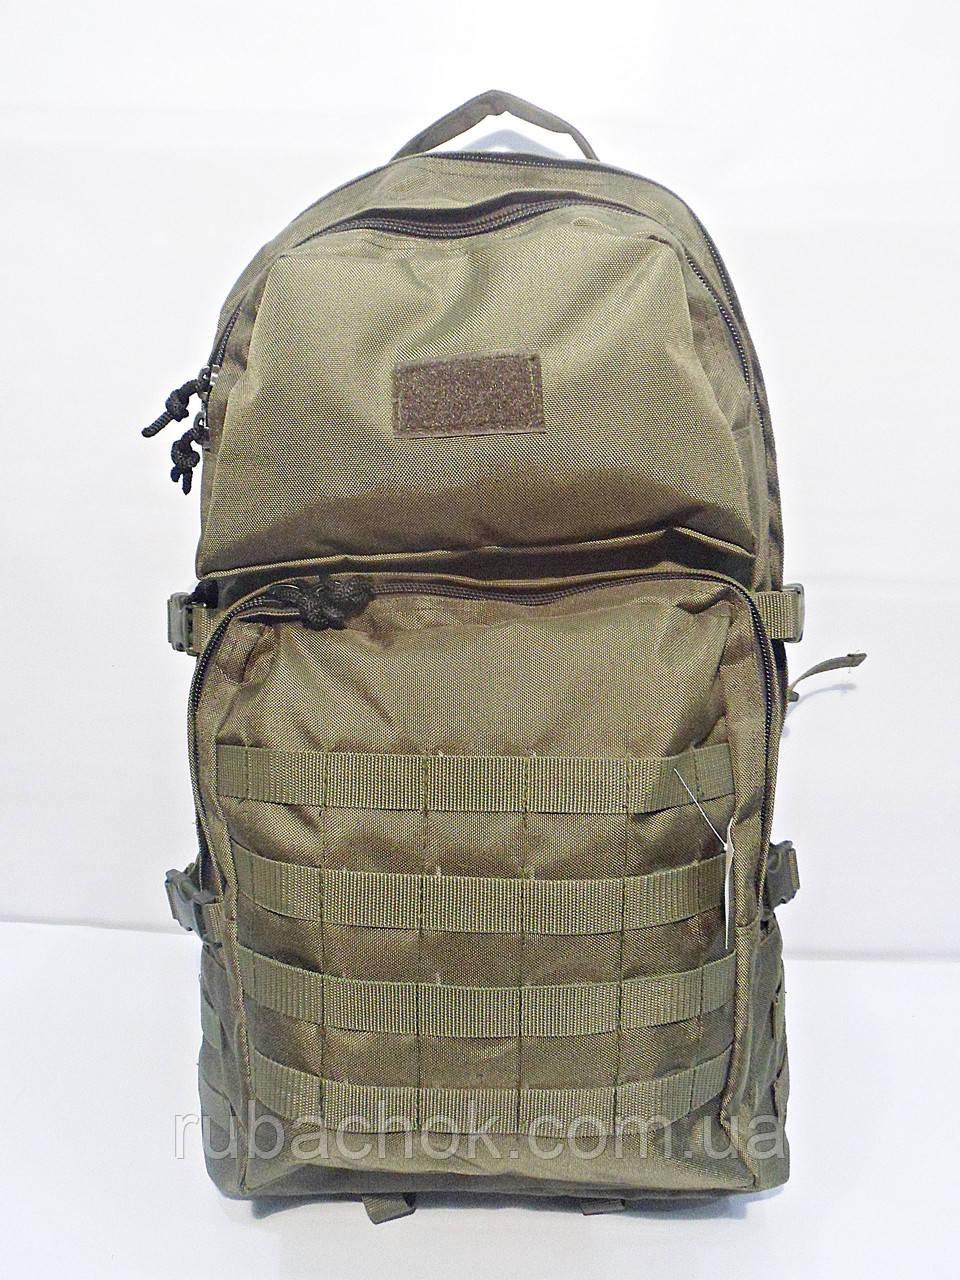 Тактический рюкзак с олива 161/22 1200 den